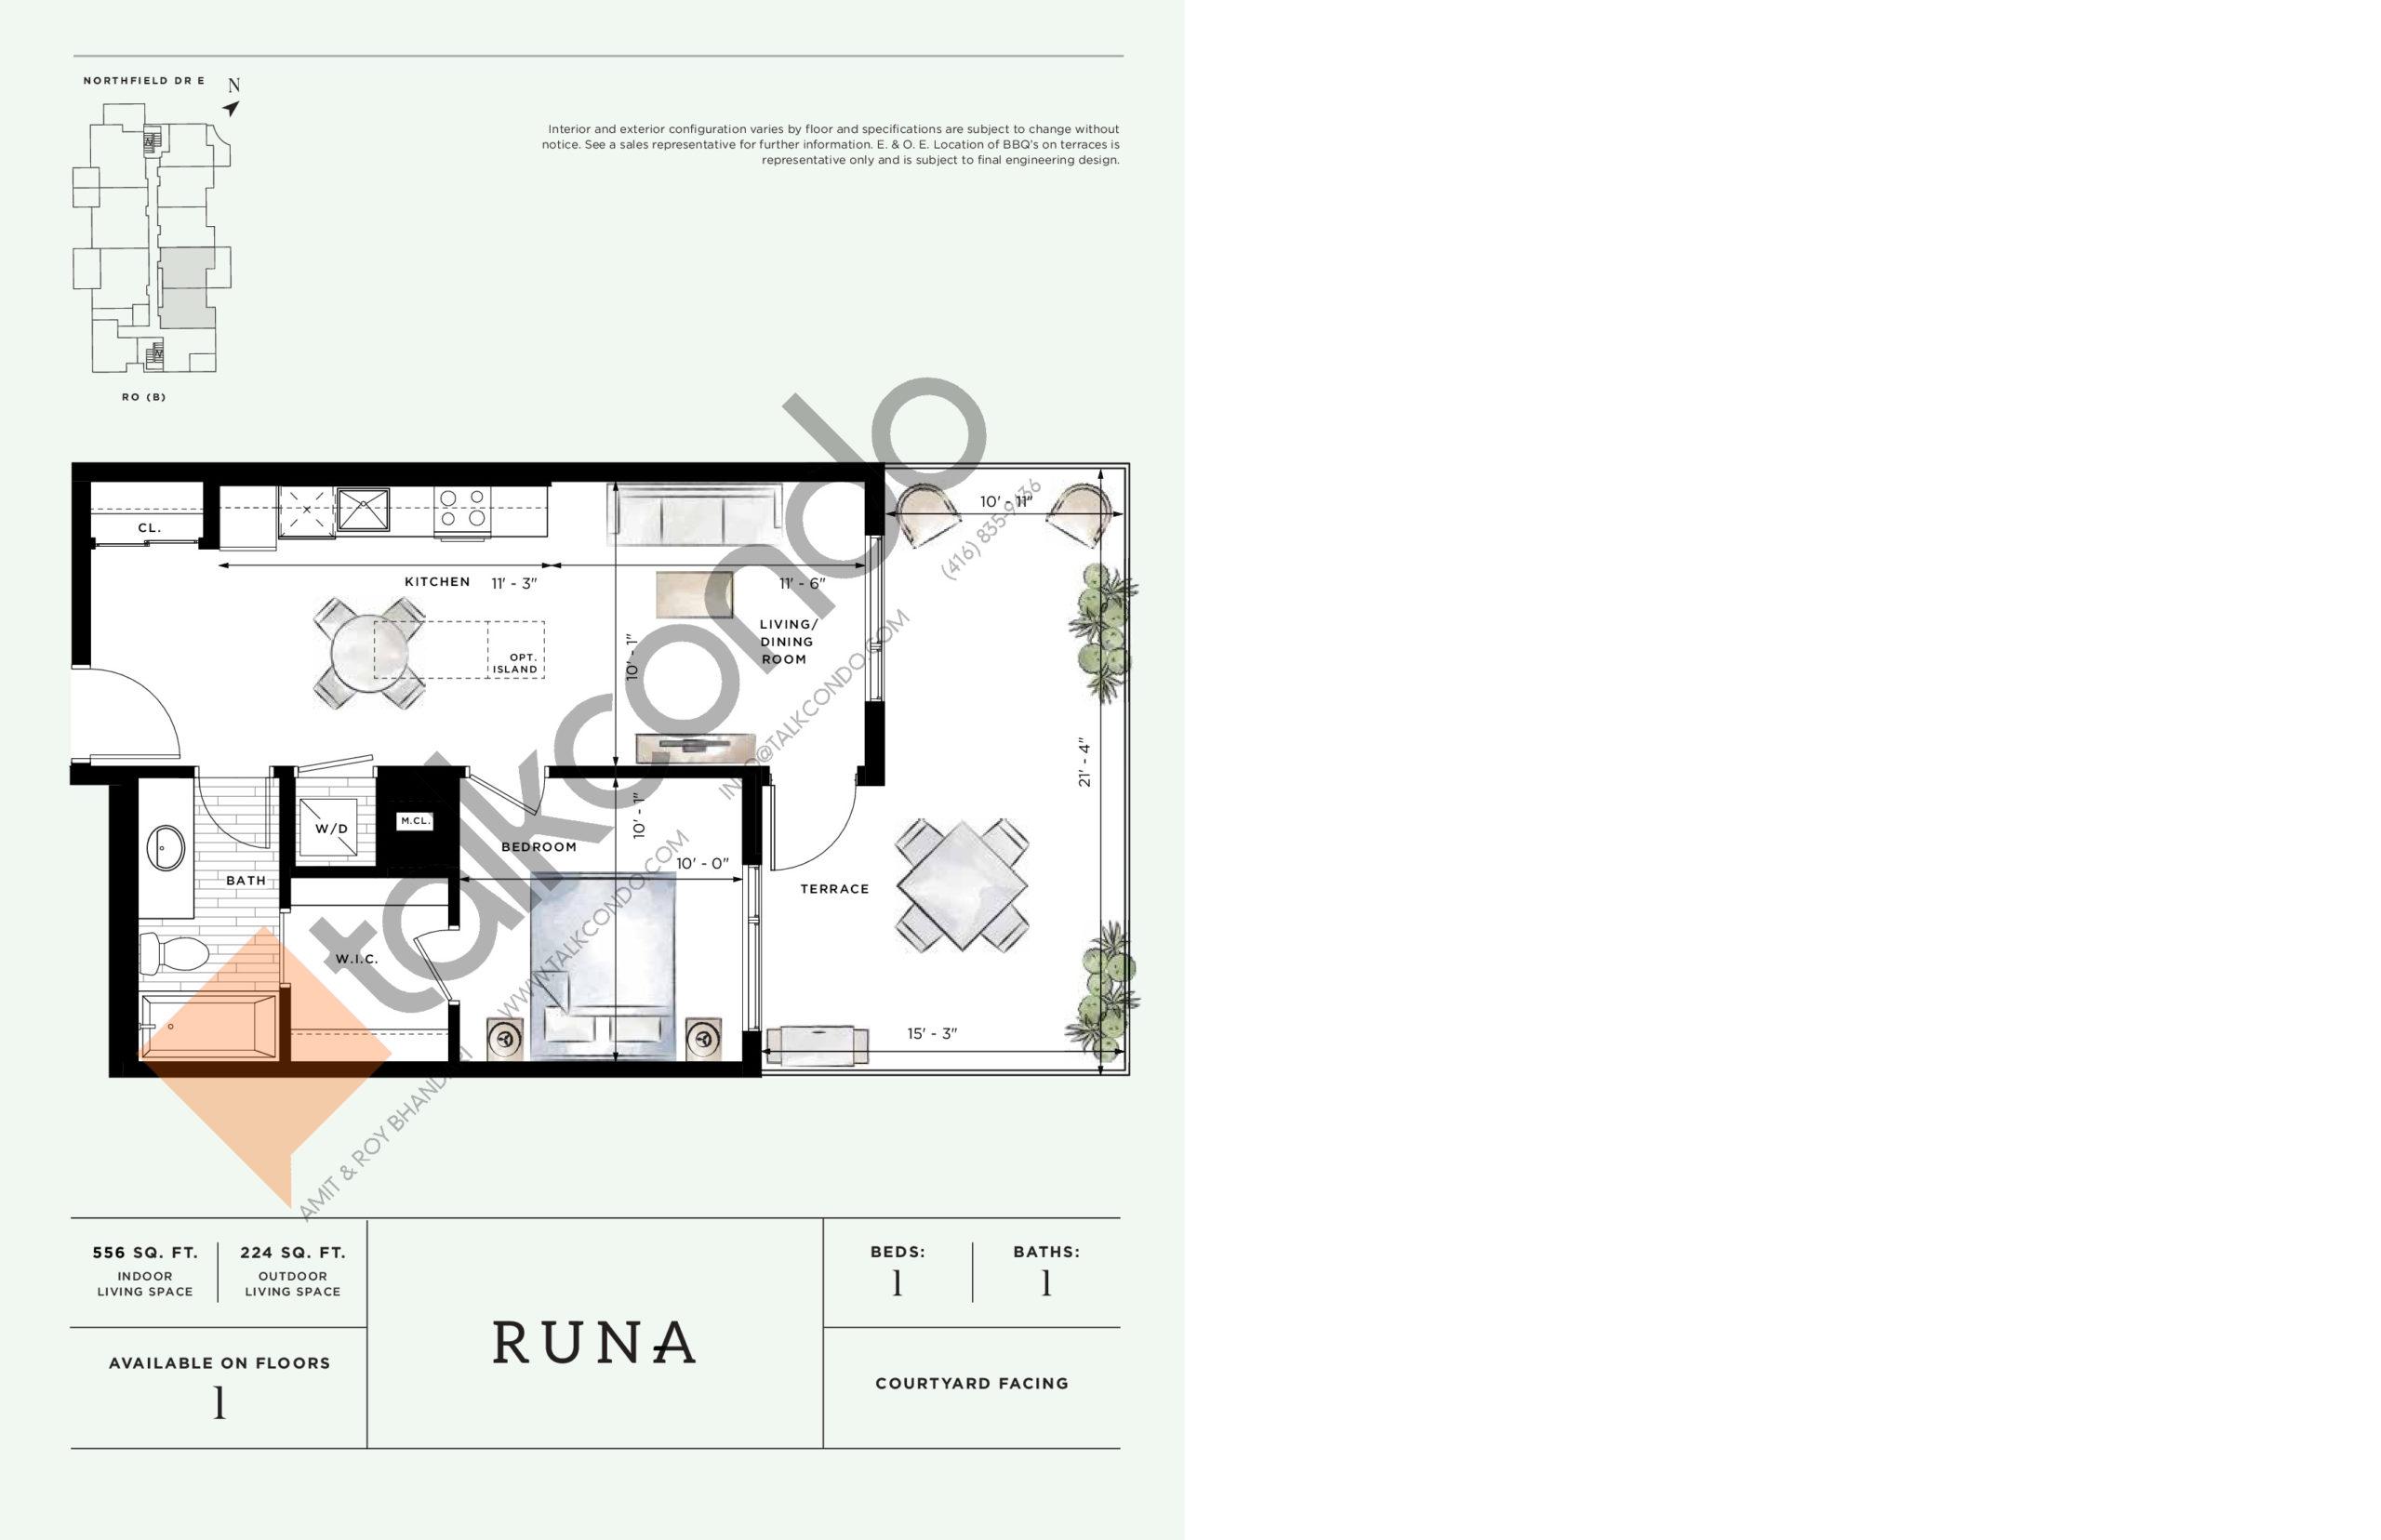 Runa Floor Plan at Ro at Blackstone Condos - 556 sq.ft